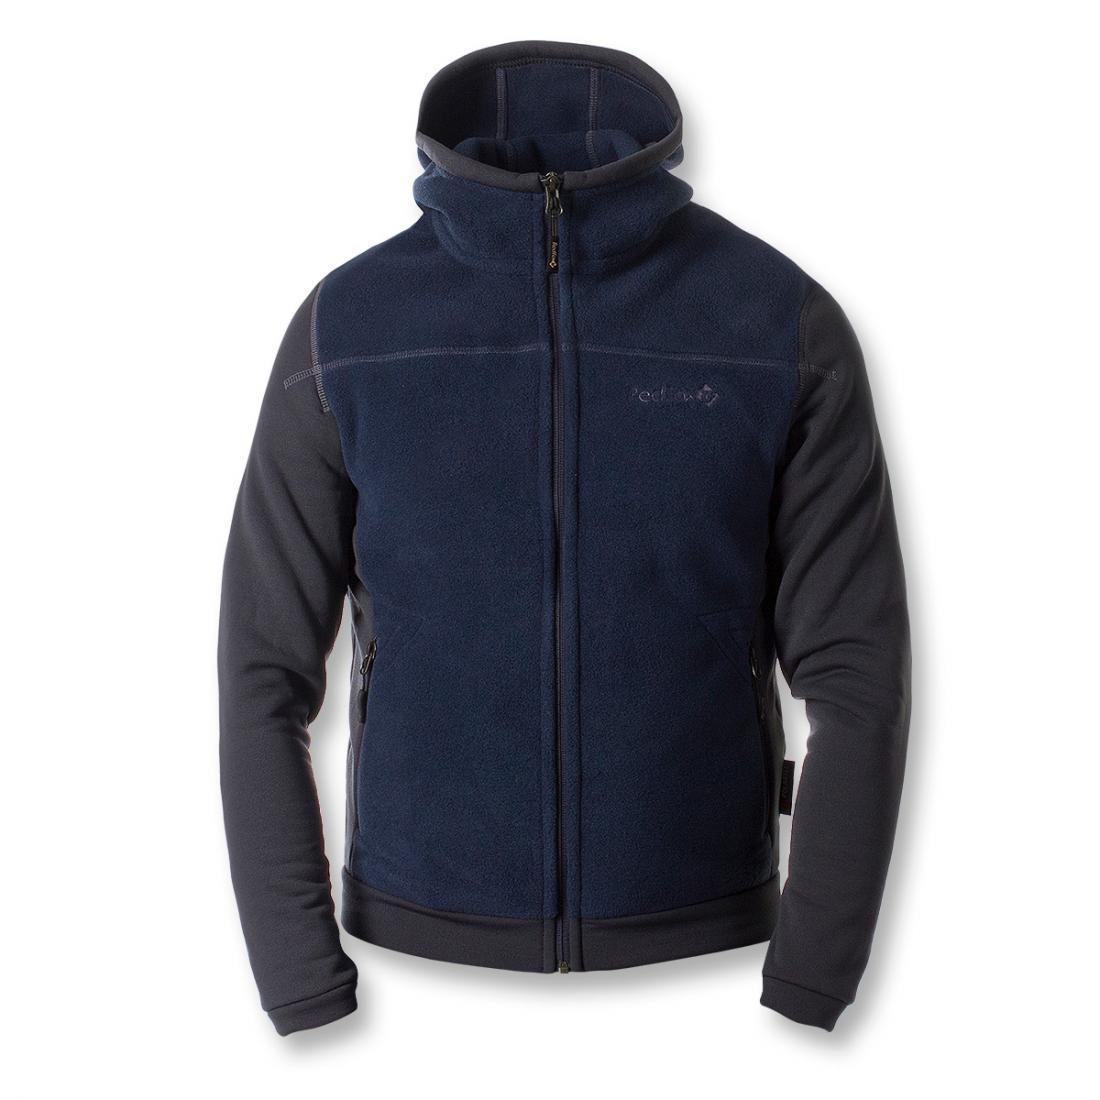 Куртка Dream МужскаяКуртки<br><br> Городская теплая куртка, выполненная из комбинации материалов Polartec® 200 и Polartec® Power Stretch® Pro™. Можно использовать в качестве наружной куртки в прохладную и безветренную погоду, а также, в качестве среднего утепляющего слоя зимой.<br>&lt;/p...<br><br>Цвет: Синий<br>Размер: 56